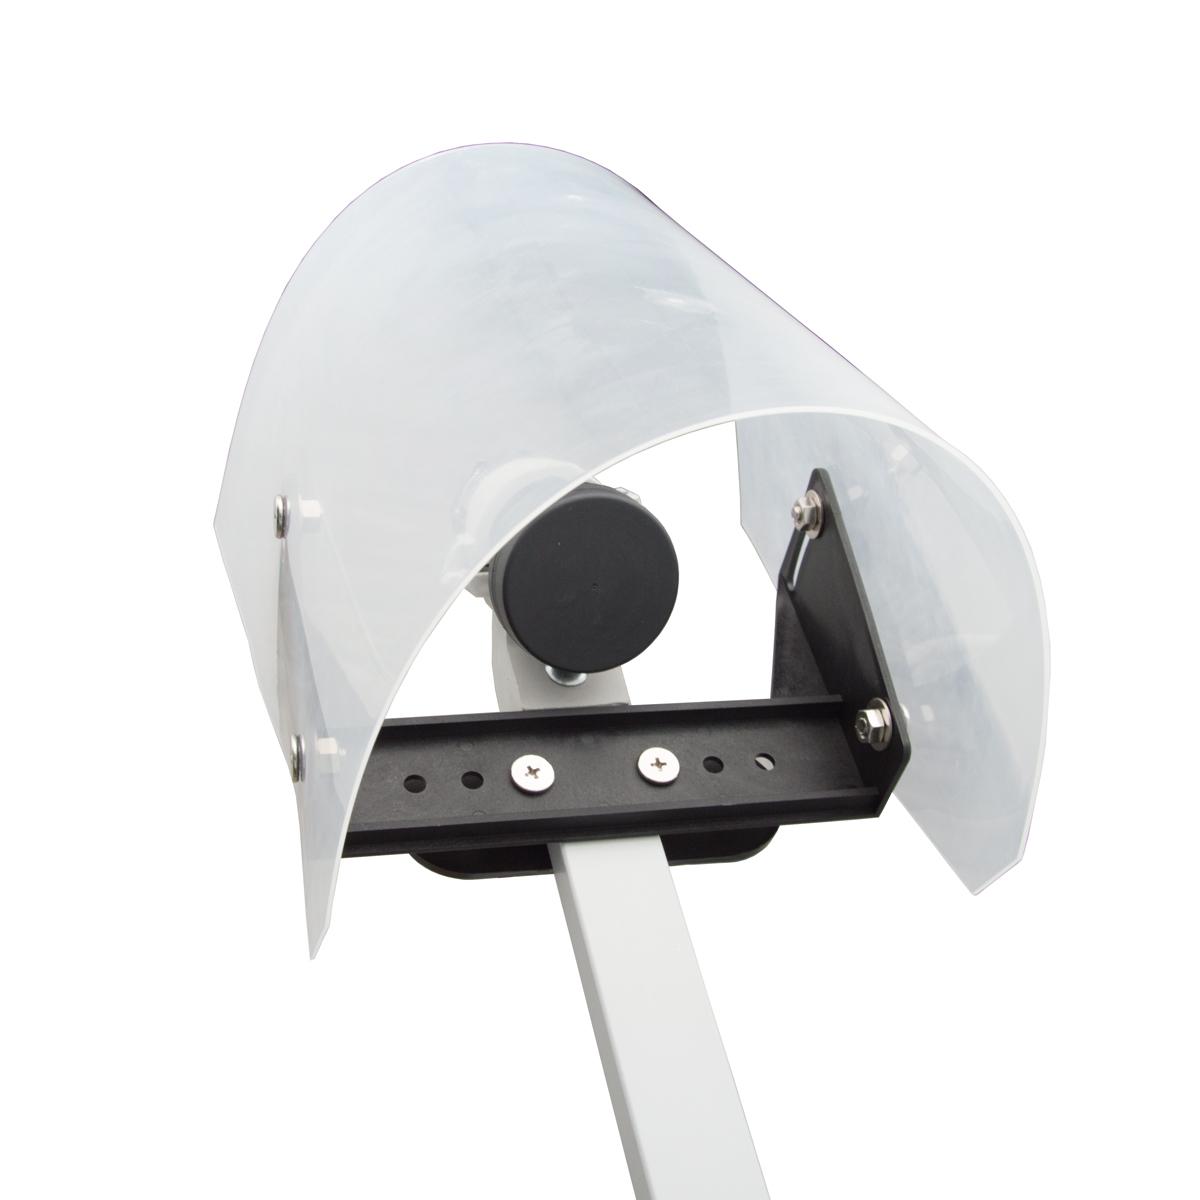 PremiumX LNB Wetterschutzhaube für 1x SAT LNB schützt vor Schnee Hagel Regen - Störungsfrei Vernsehen